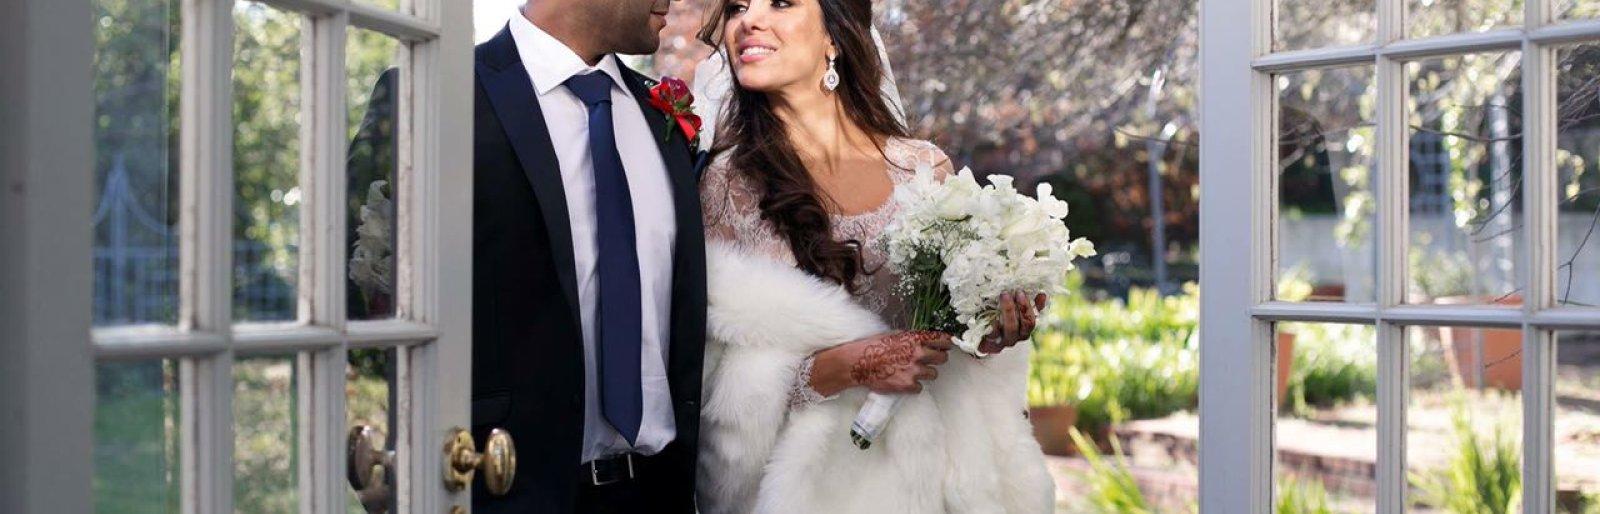 Vanessa Aliyah Kaskar